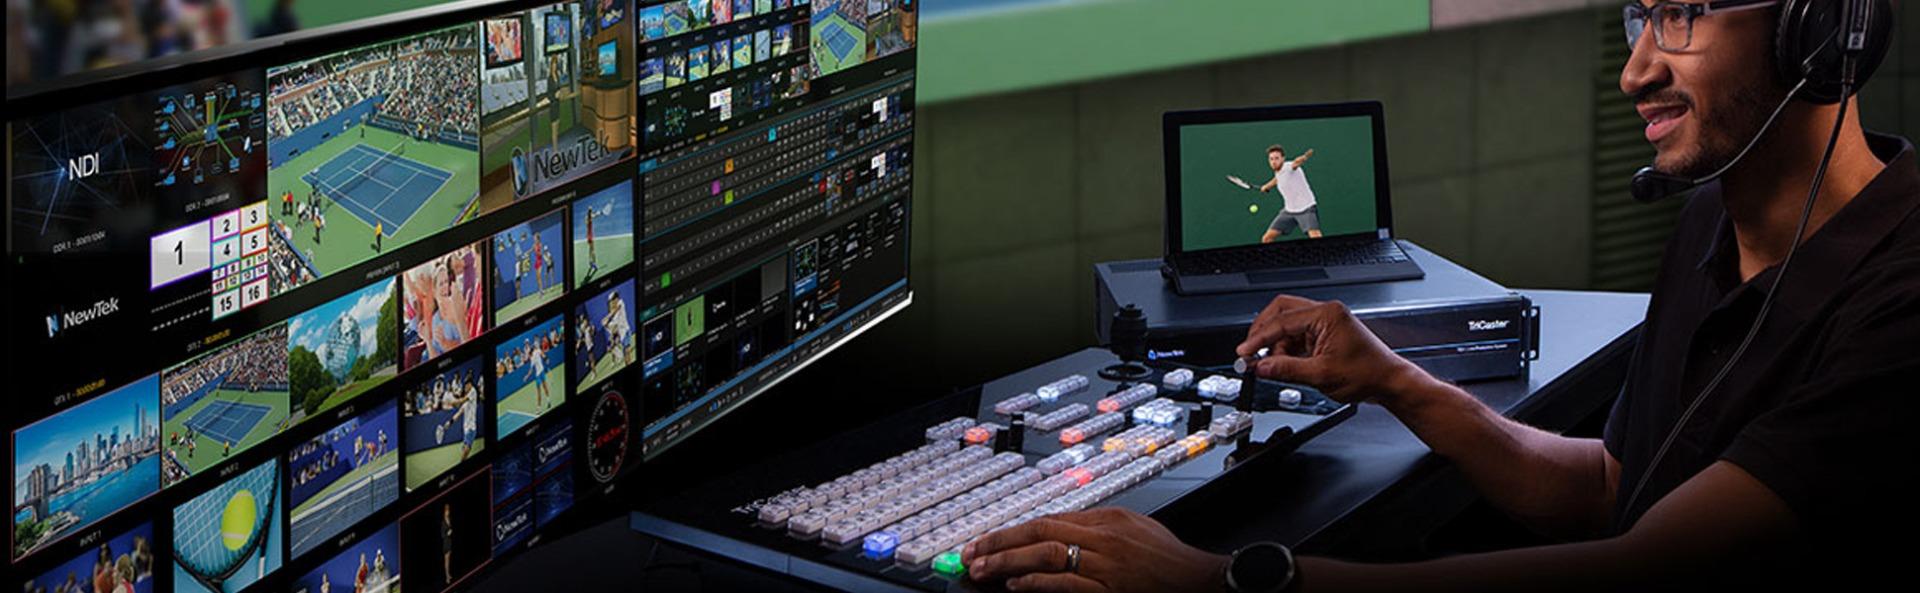 NewTek Studiosysteme von ETAS High-Tech Systems GmbH